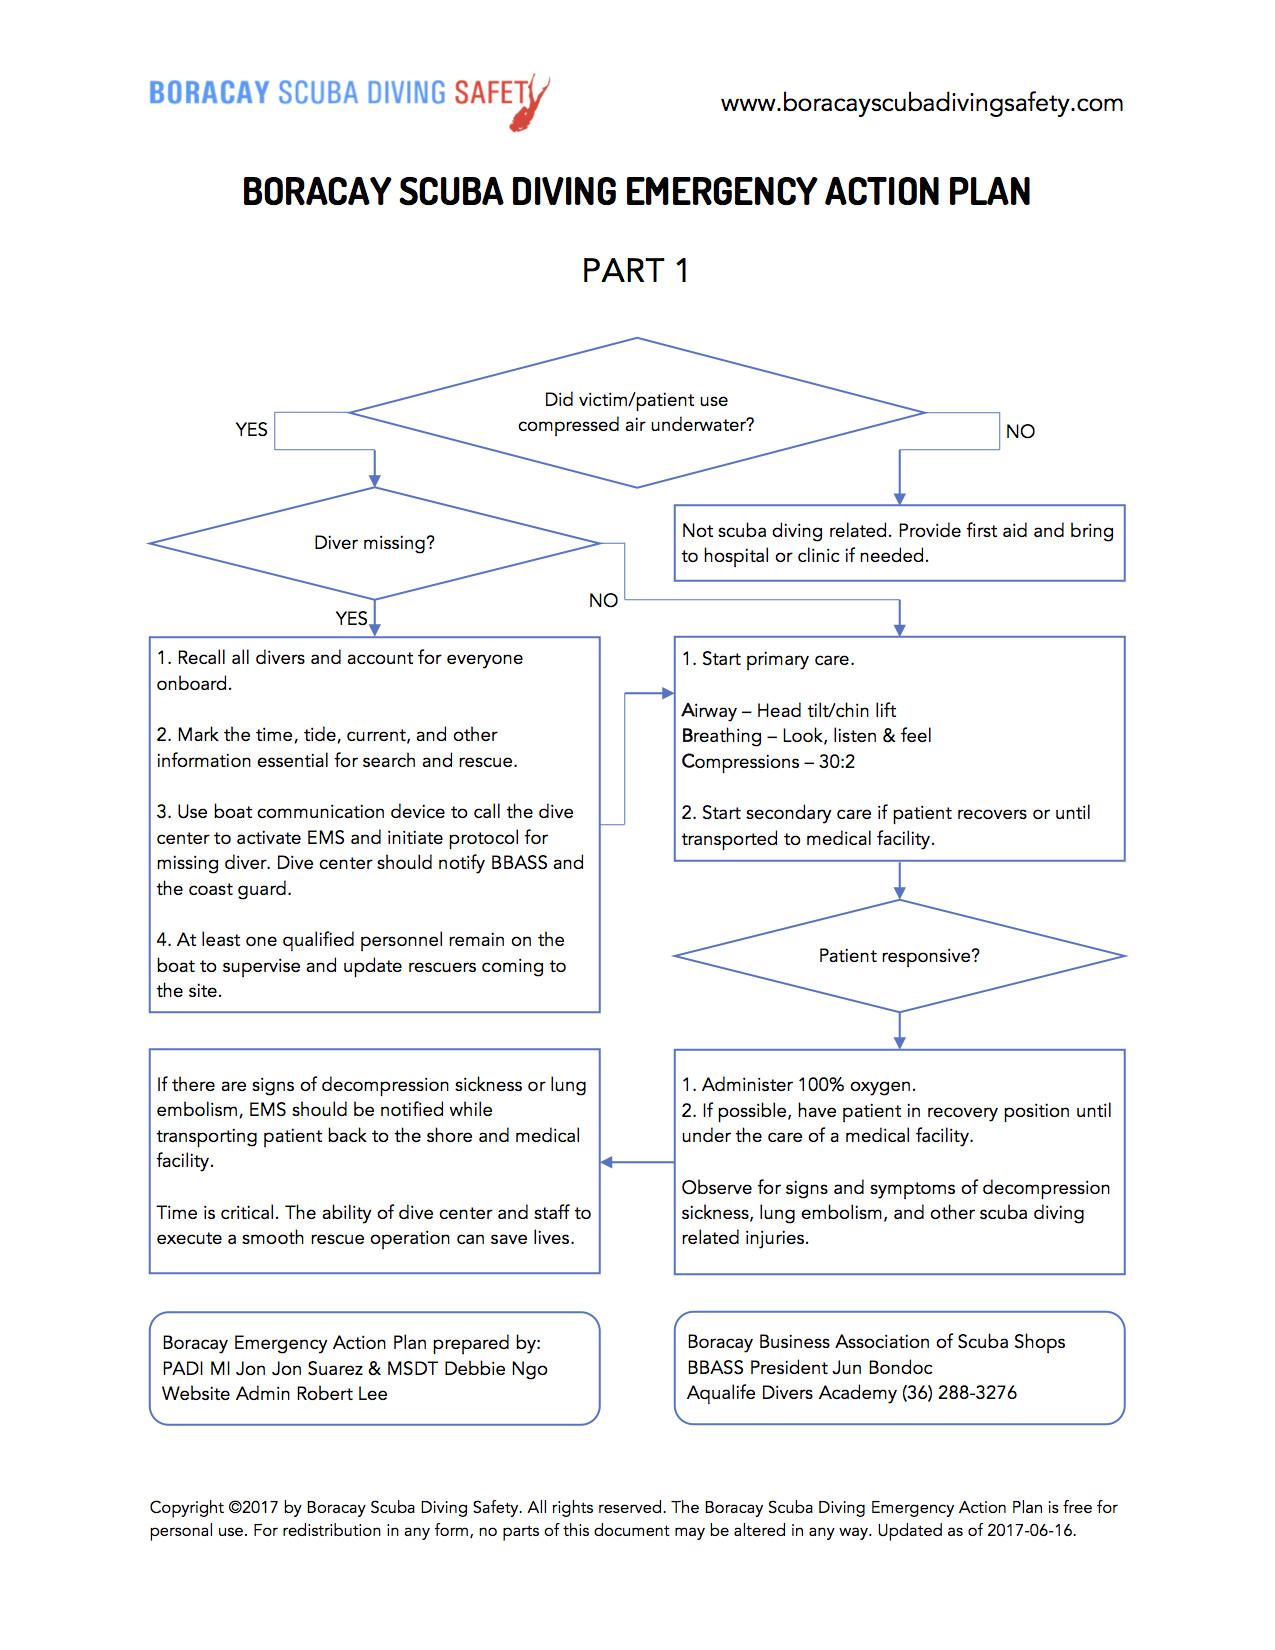 padi emergency action plan template